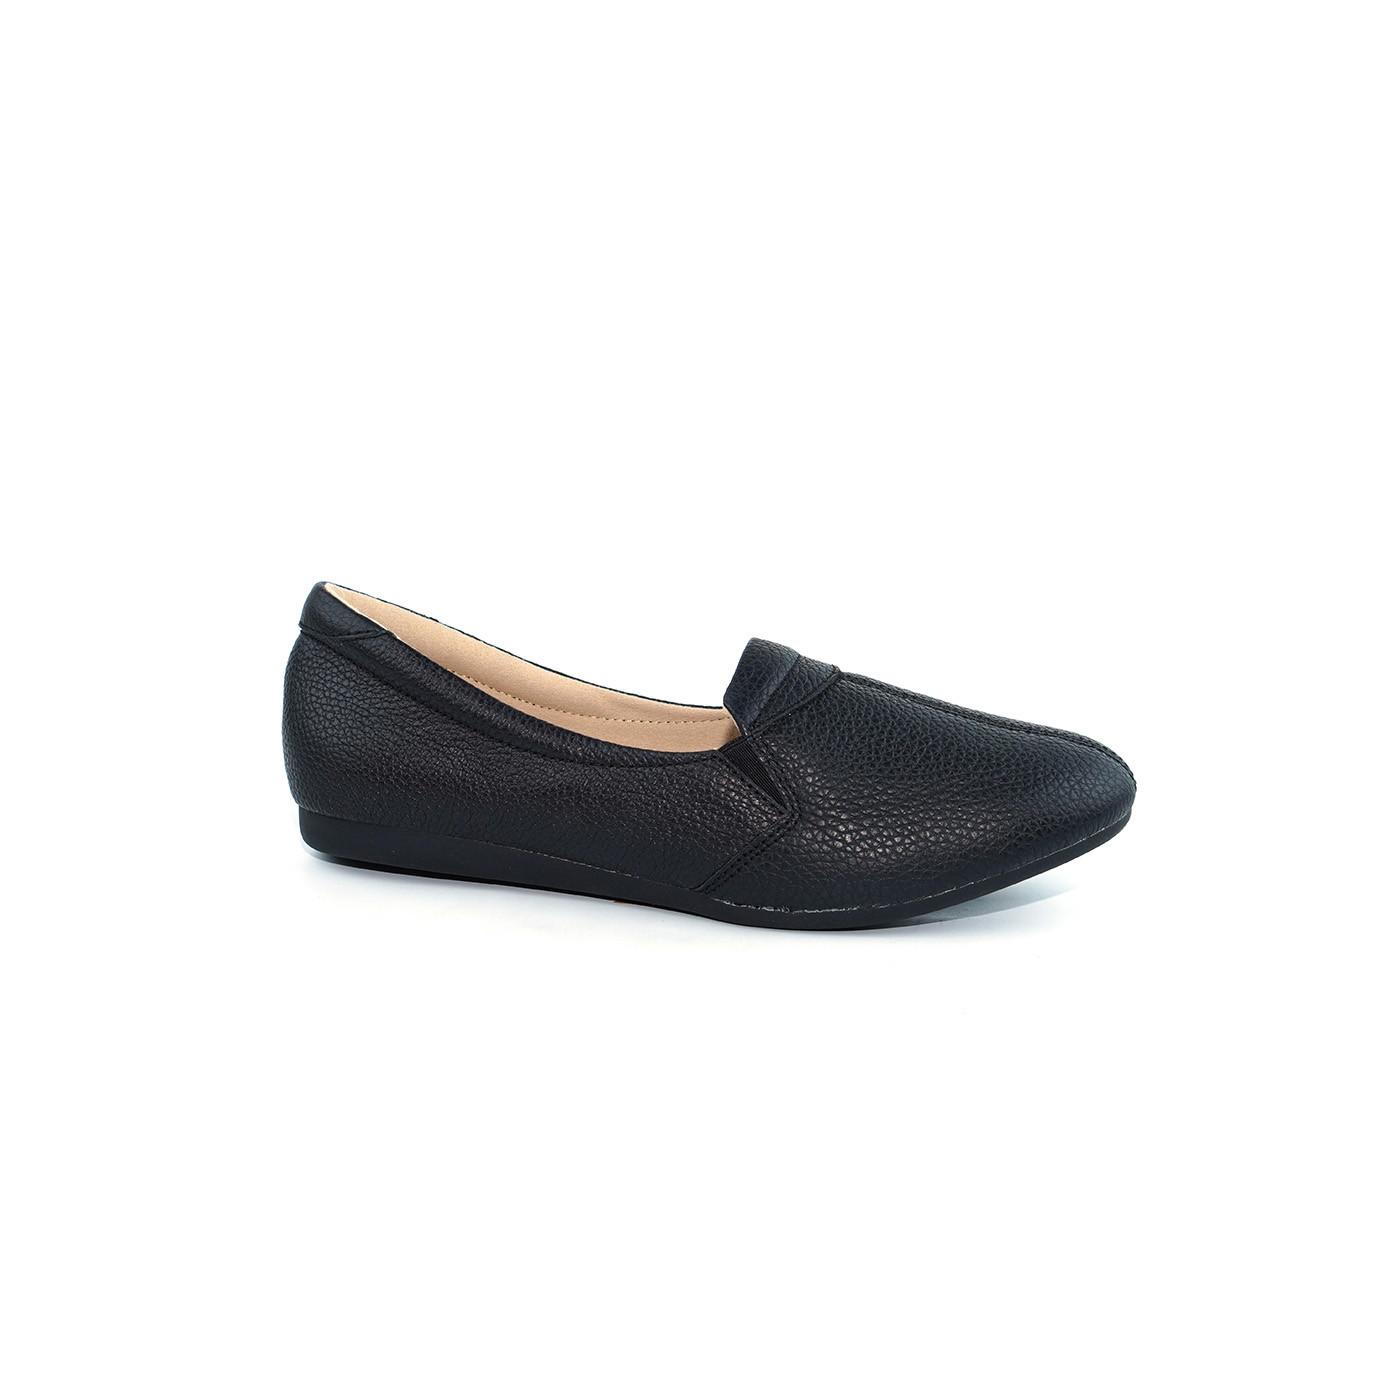 Giày mọi viền chỉ giữa da bò thật - Giày mọi nữ da thật cao cấp thời trang PABNO PN19001